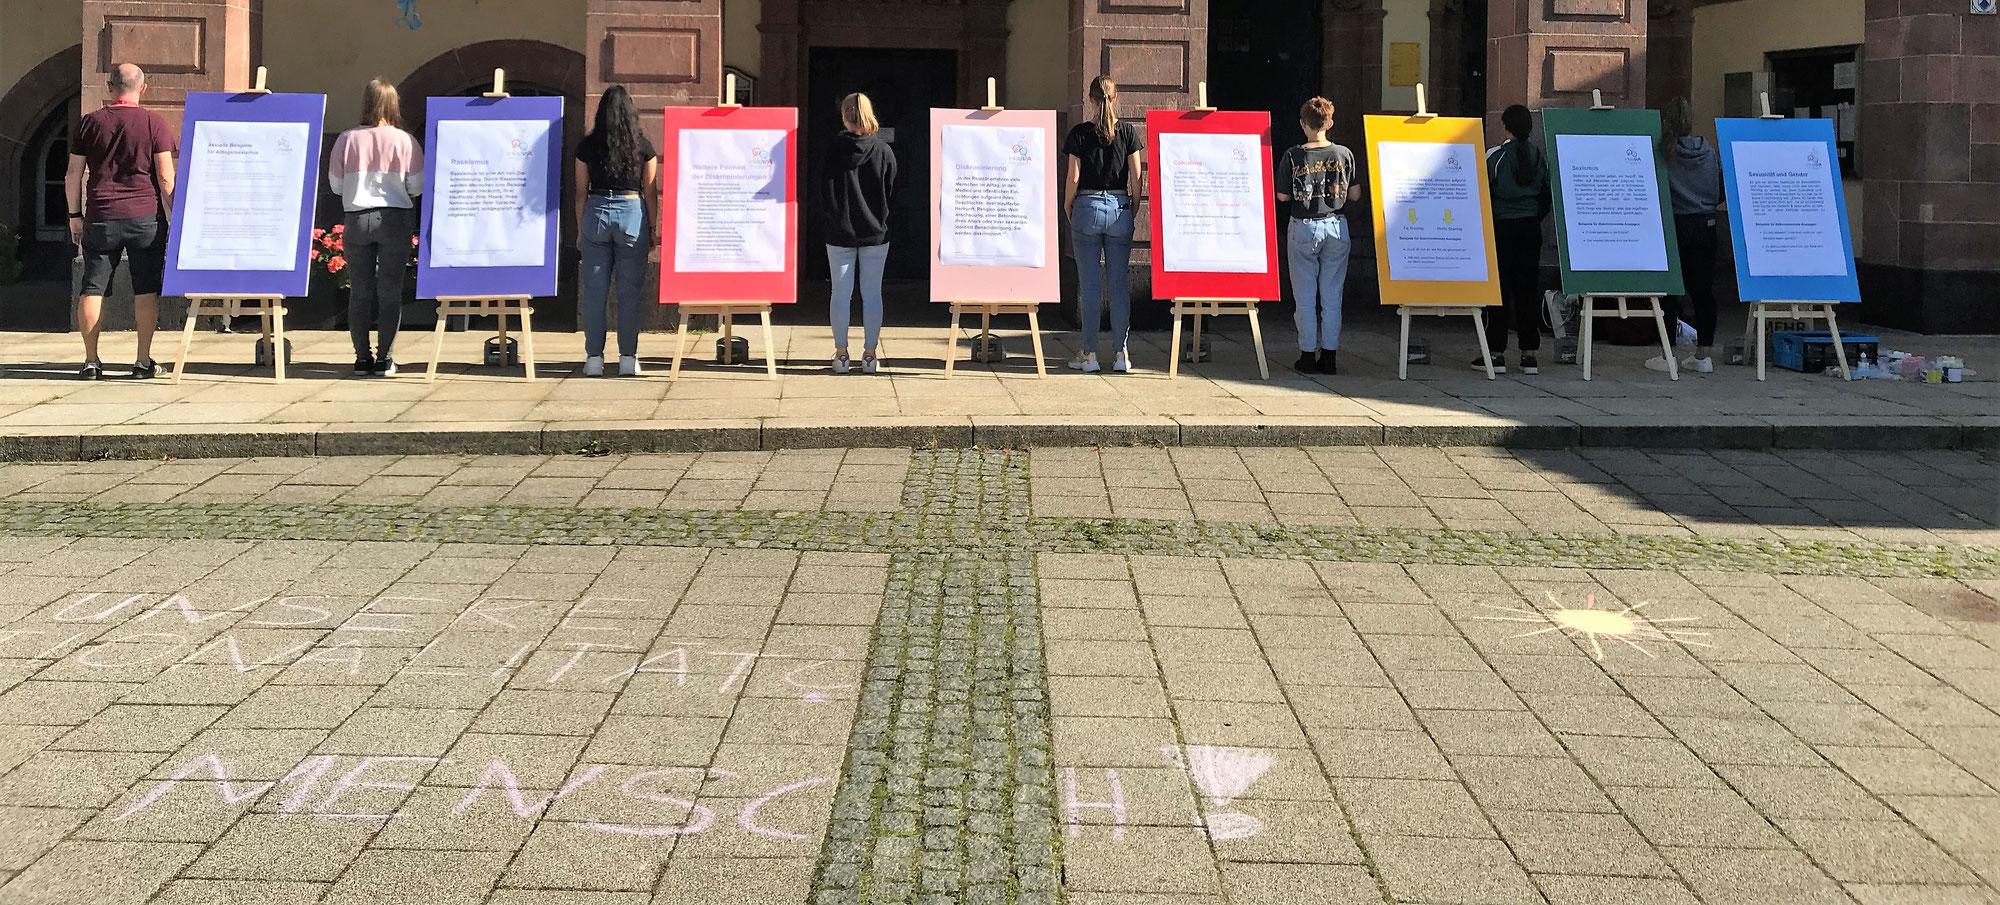 Antidiskriminierungstag des KIJURA Schkeuditz